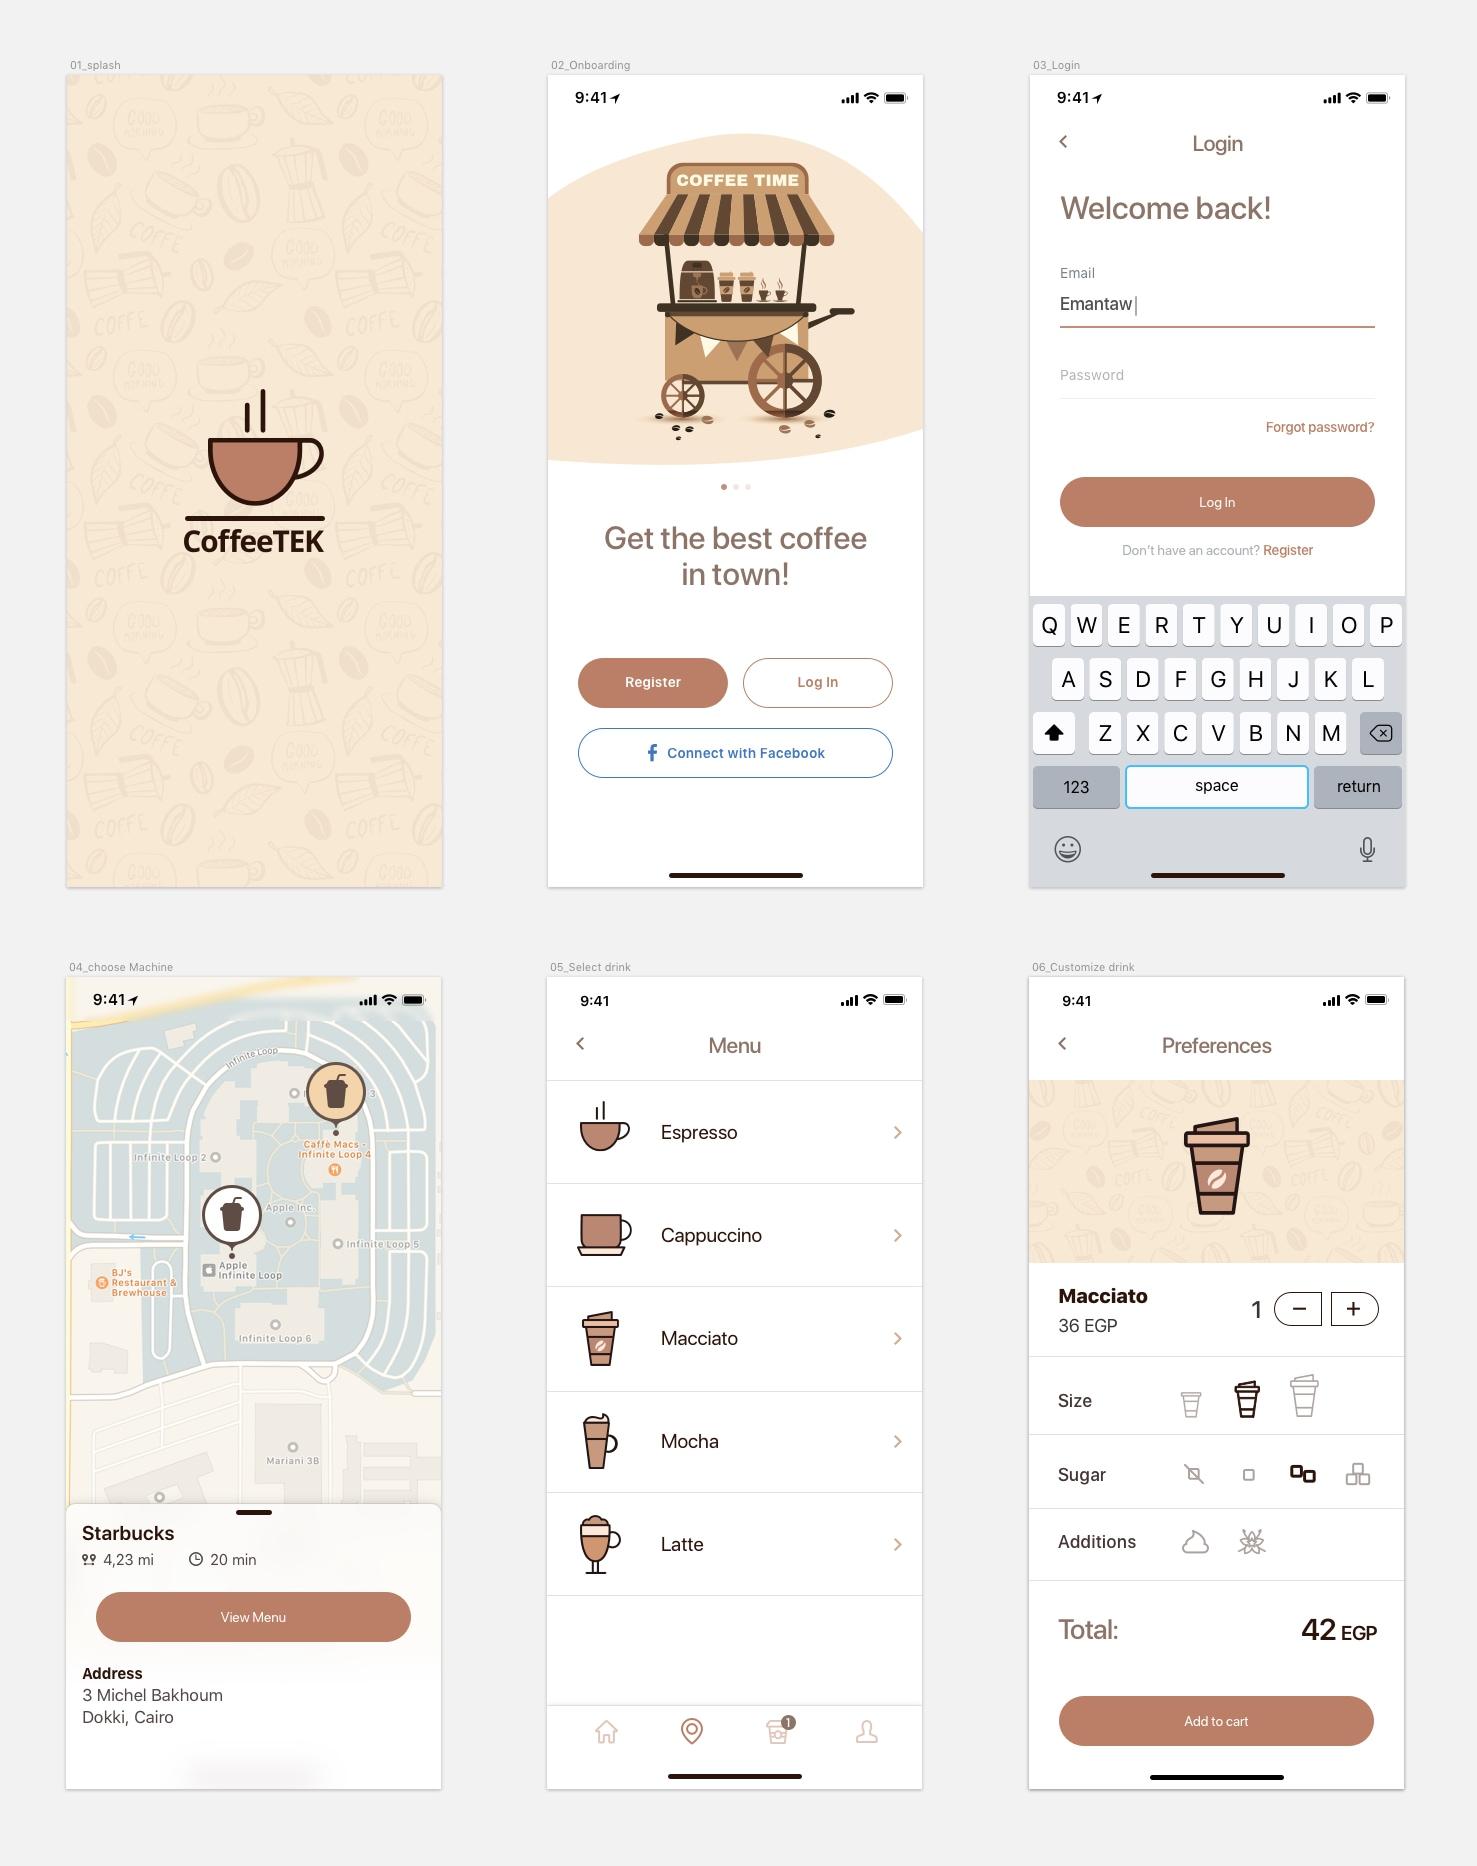 Coffee App Freebie - 最小和干净的应用程序设计,6 个屏幕供您上手